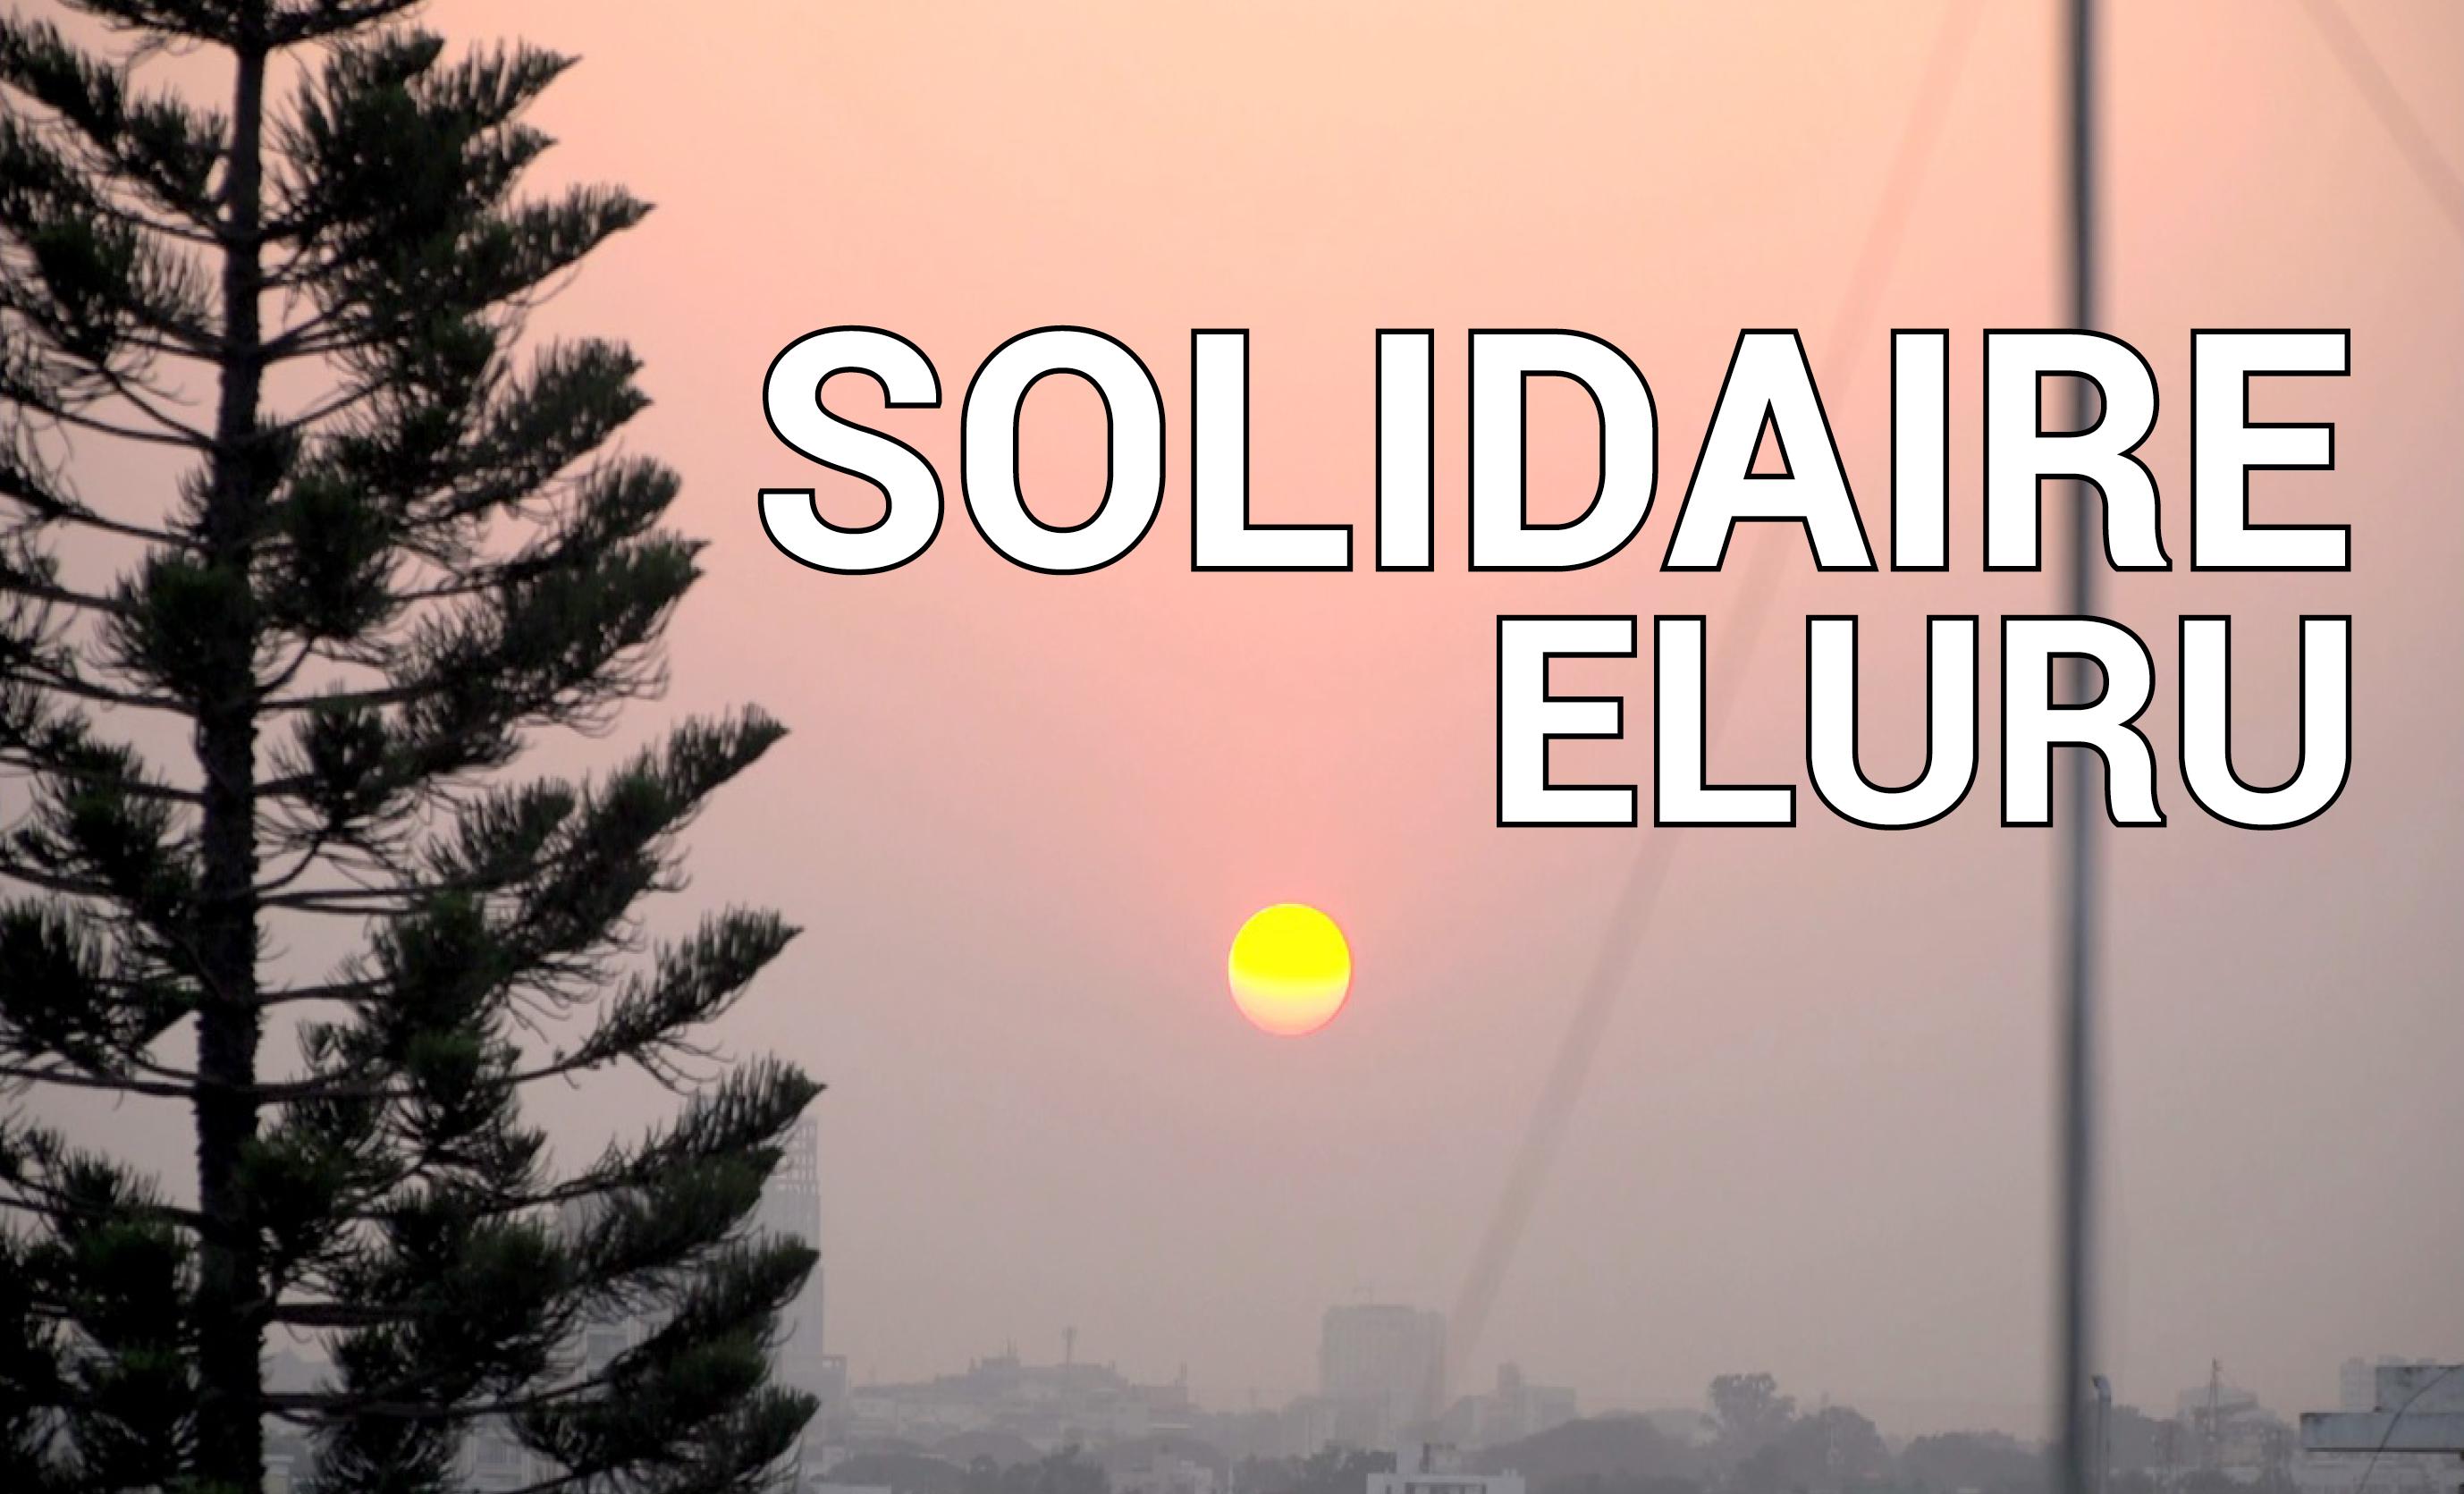 visuel_solidaire-eluru-1528984402.png